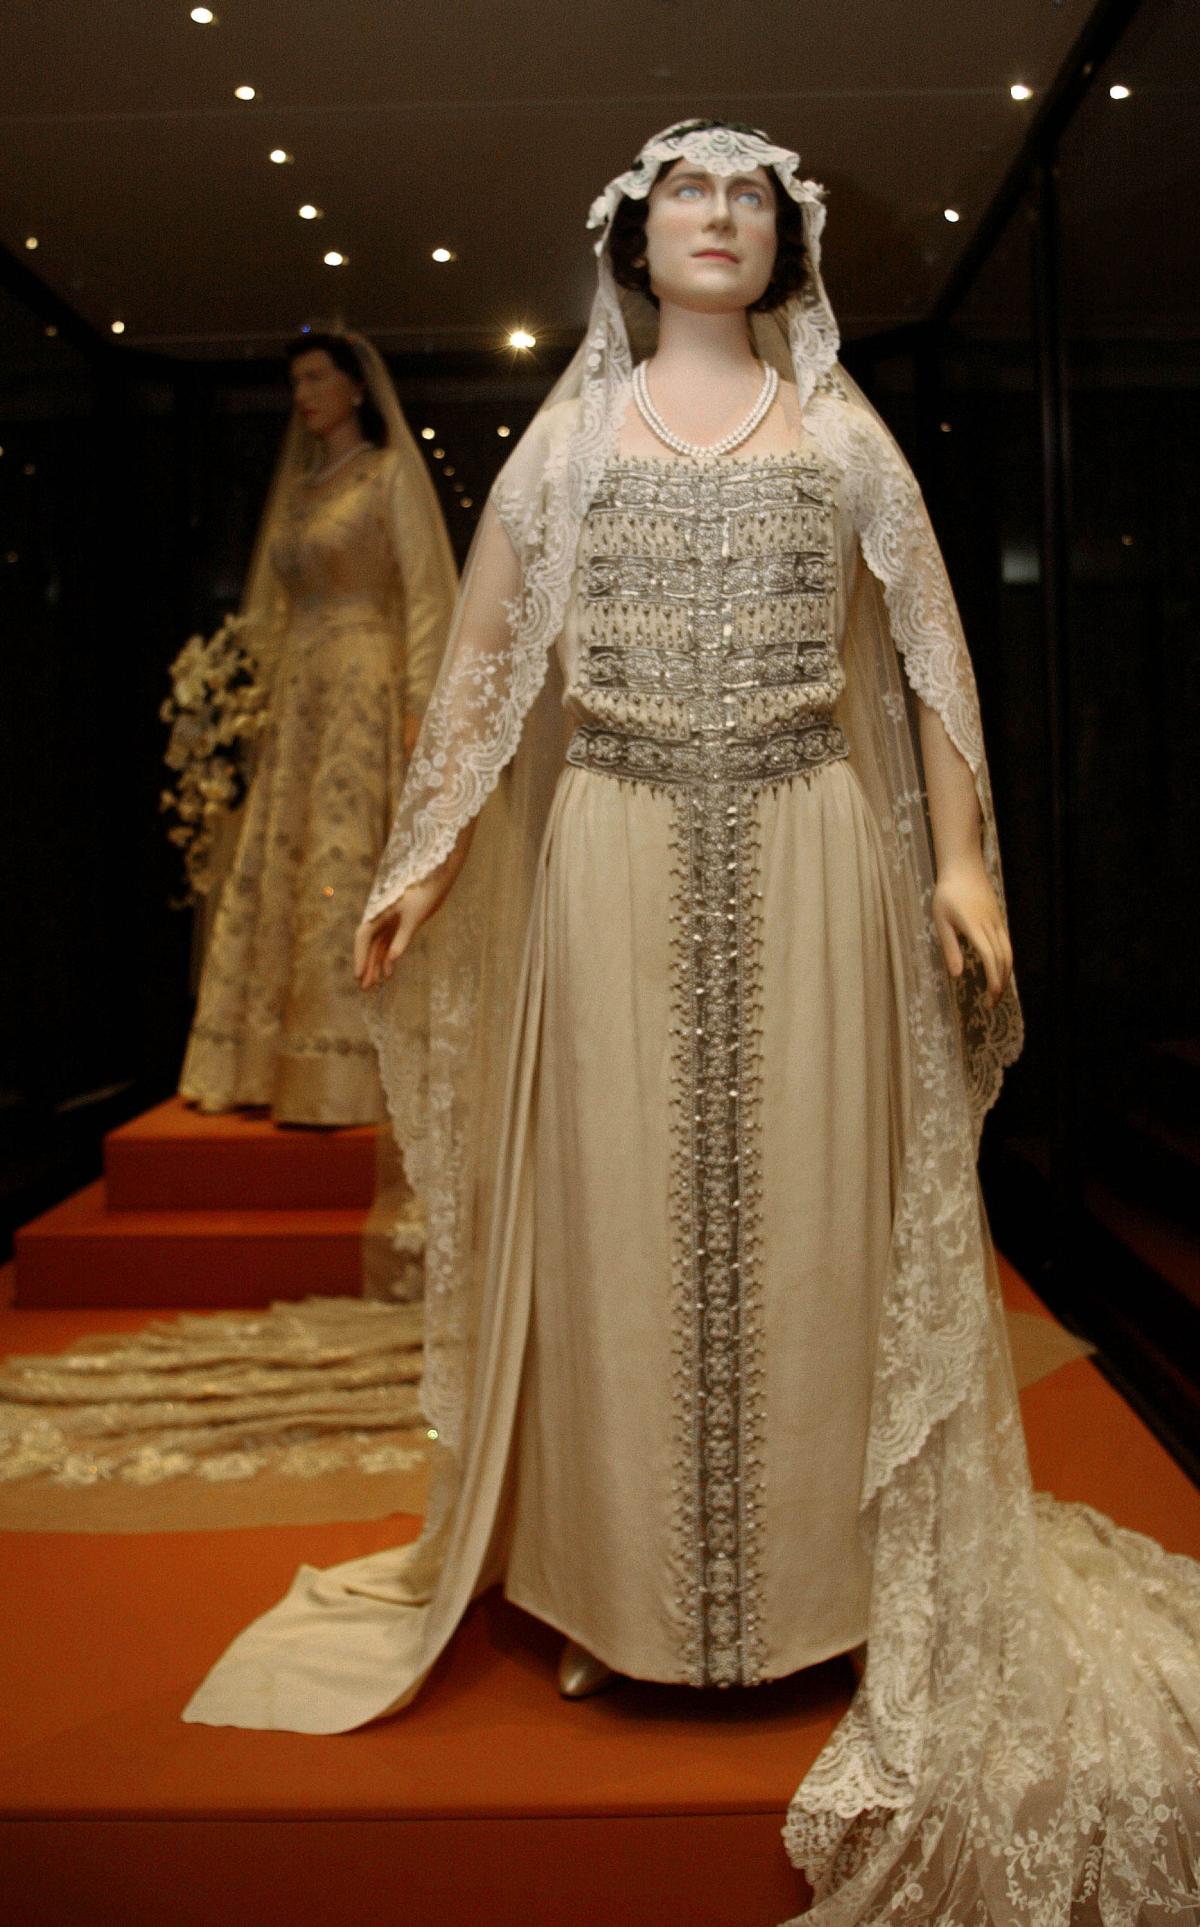 Wedding Gown Of Elizabeth The Queen Mother Royal Wedding Gowns Queen Elizabeth Wedding Royal Wedding Dress